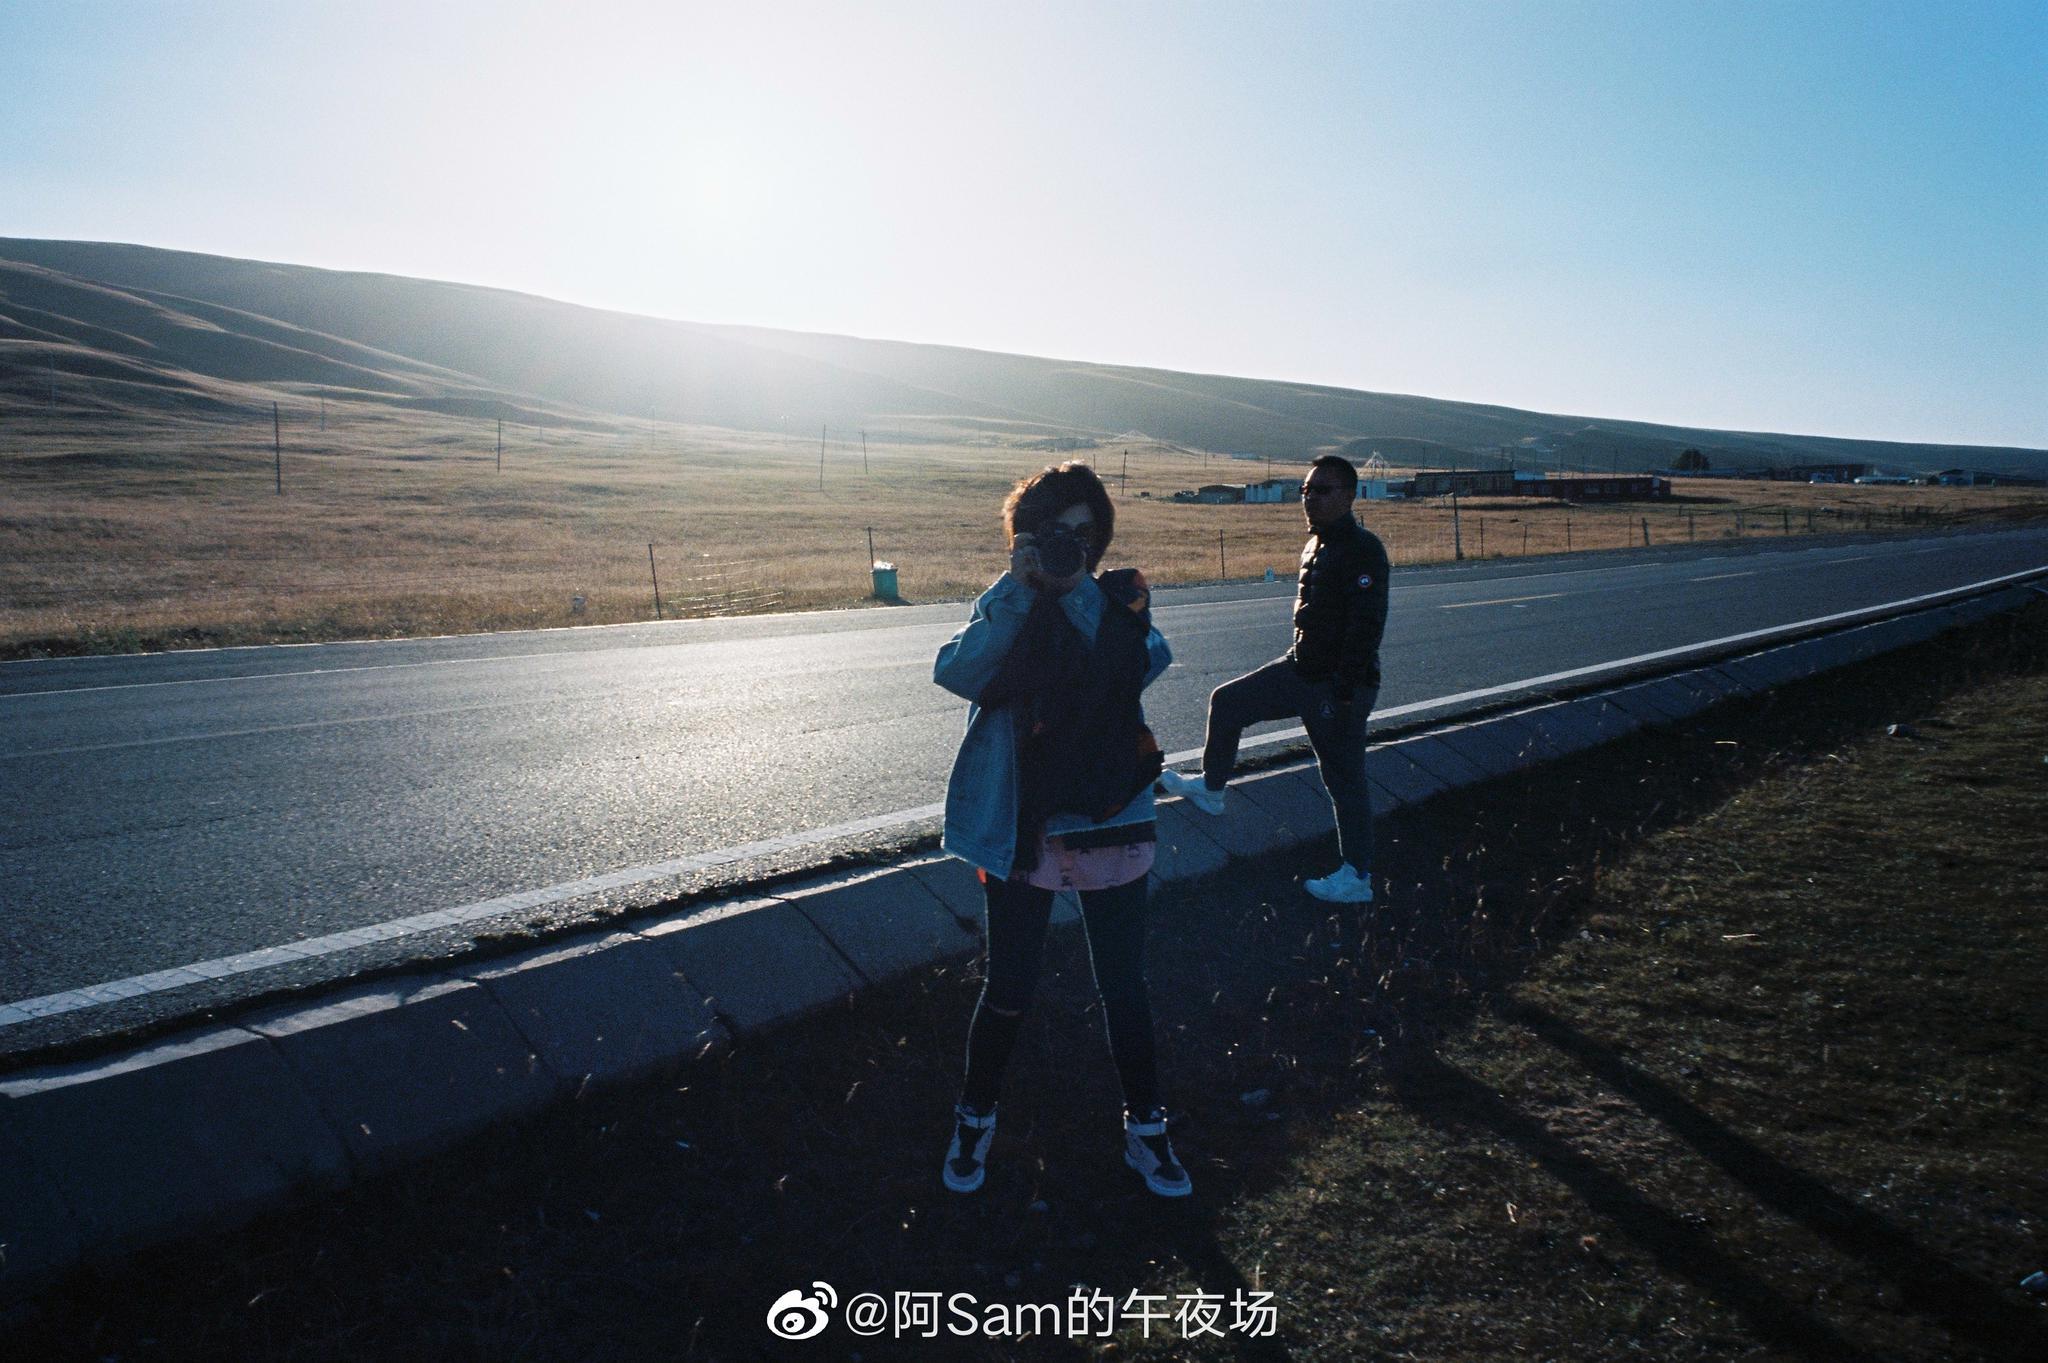 最近又开始拍一些胶片了,用我的富士月光机记录了青海,重庆,拉萨